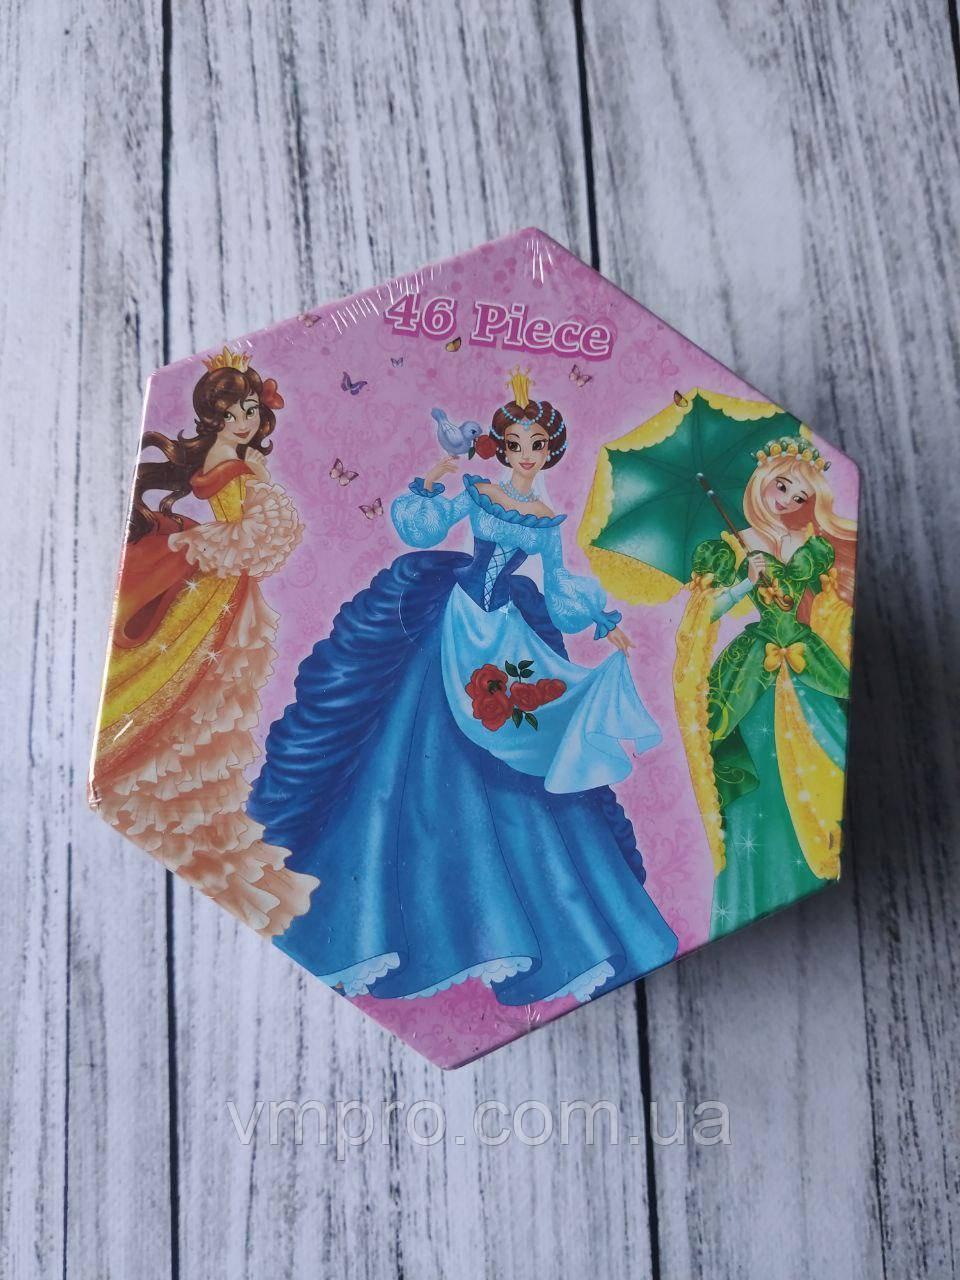 """Набір дитячої творчості в коробці """"Принцеса"""", 46 предметів, товари для творчості"""